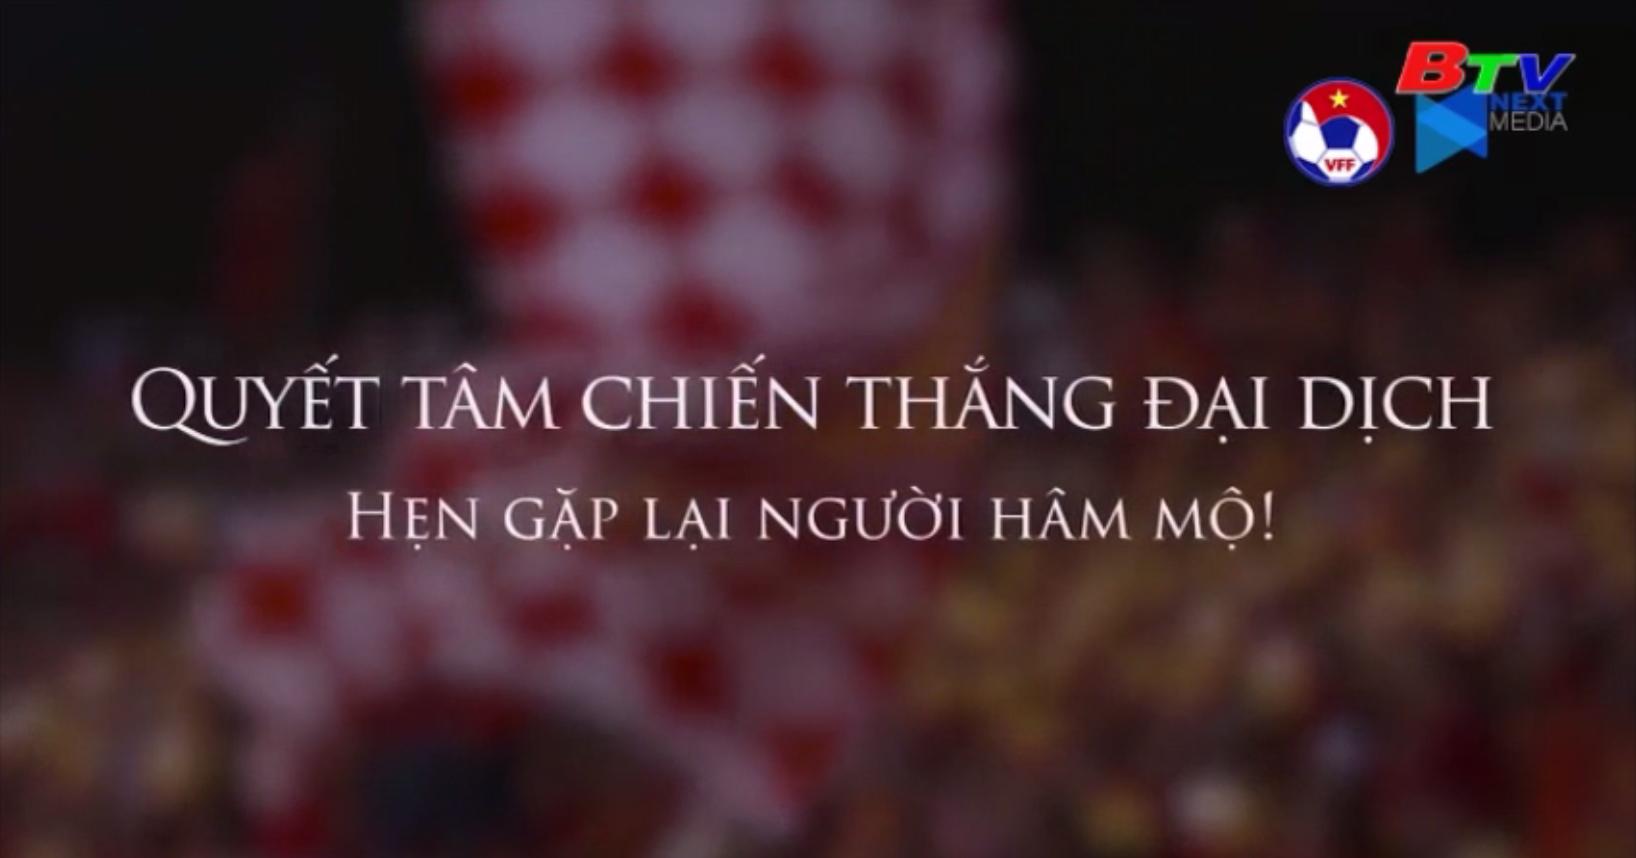 Bóng đá Việt Nam chung sức cùng cả nước đẩy lùi đại dịch